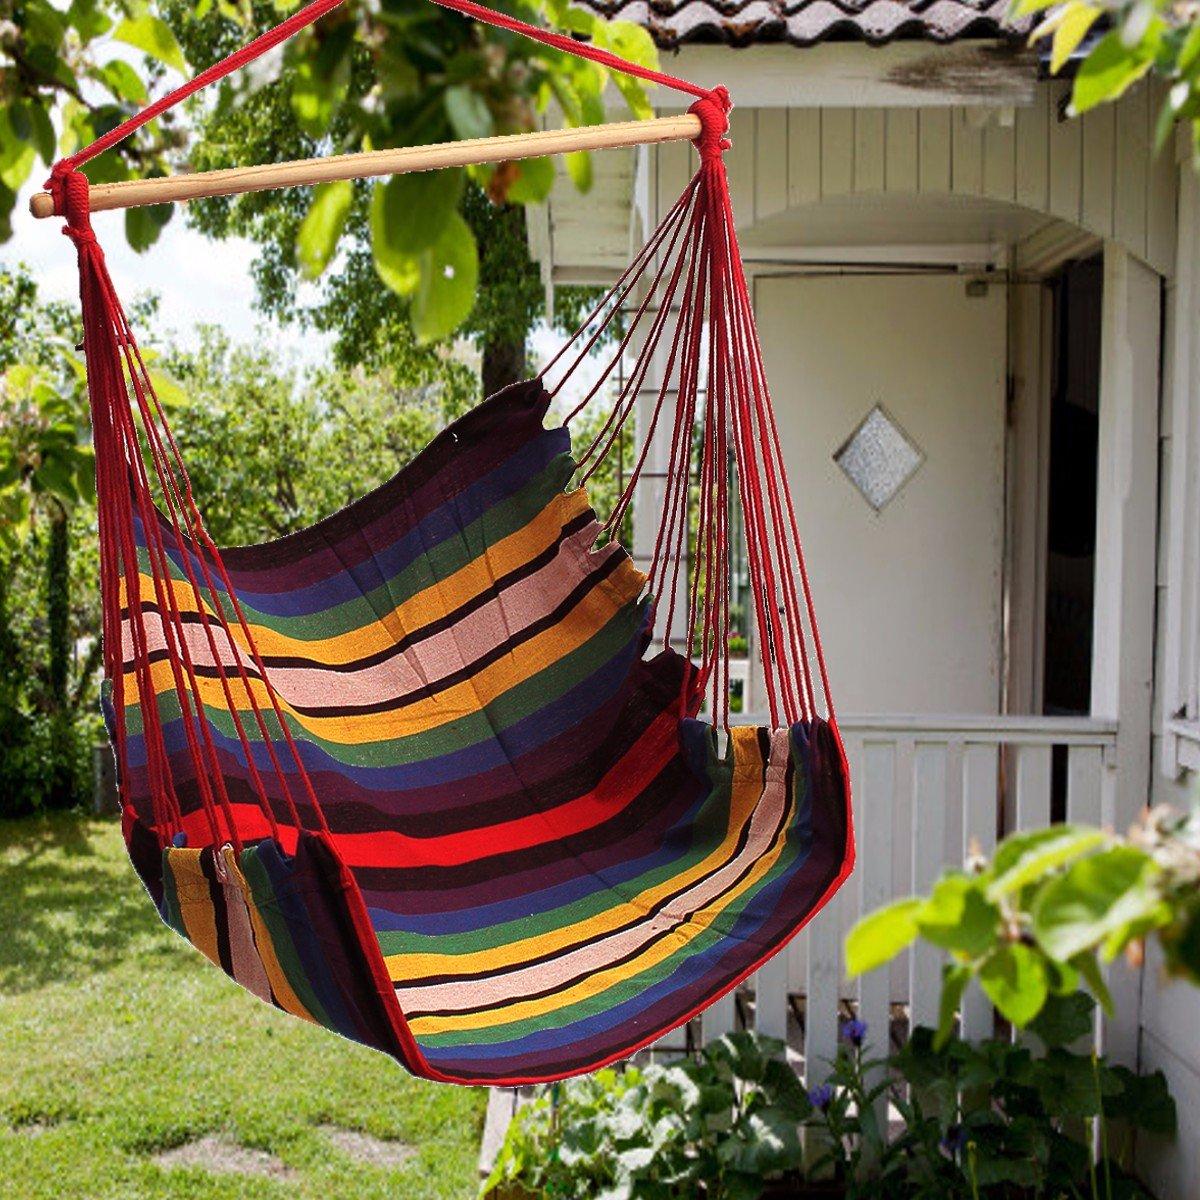 Global Brands Online Giardino Patio ad Ispessirsi Amaca Sedia all'Interno e all'Esterno del Cotone Swing Cuscino.